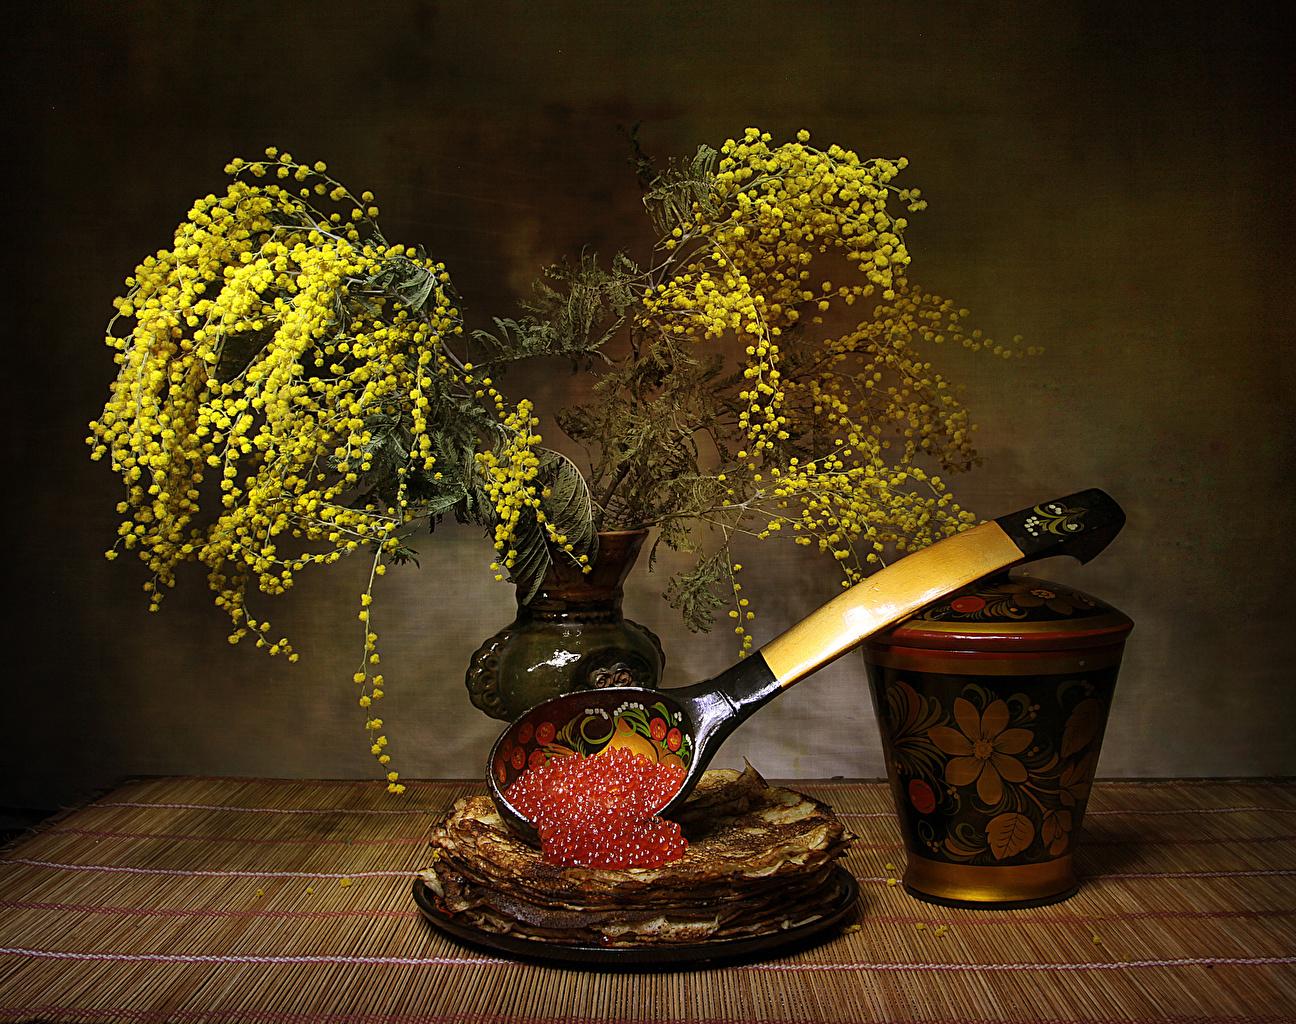 Картинка Блины Икра Цветы Мимозы Еда Натюрморт Пища Продукты питания